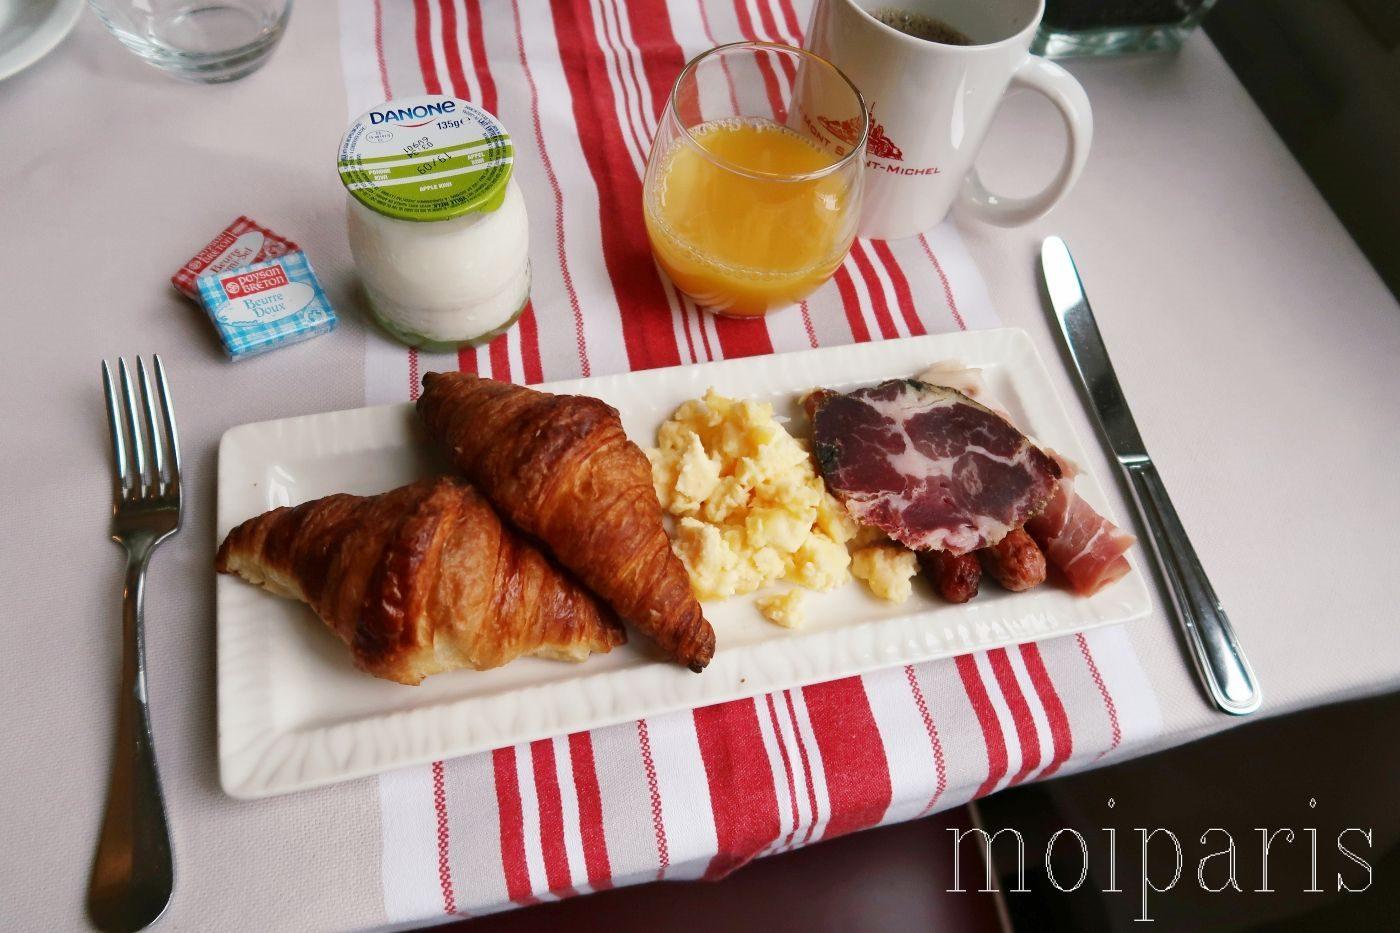 モンサンミッシェル、レストラン、有名店、朝食